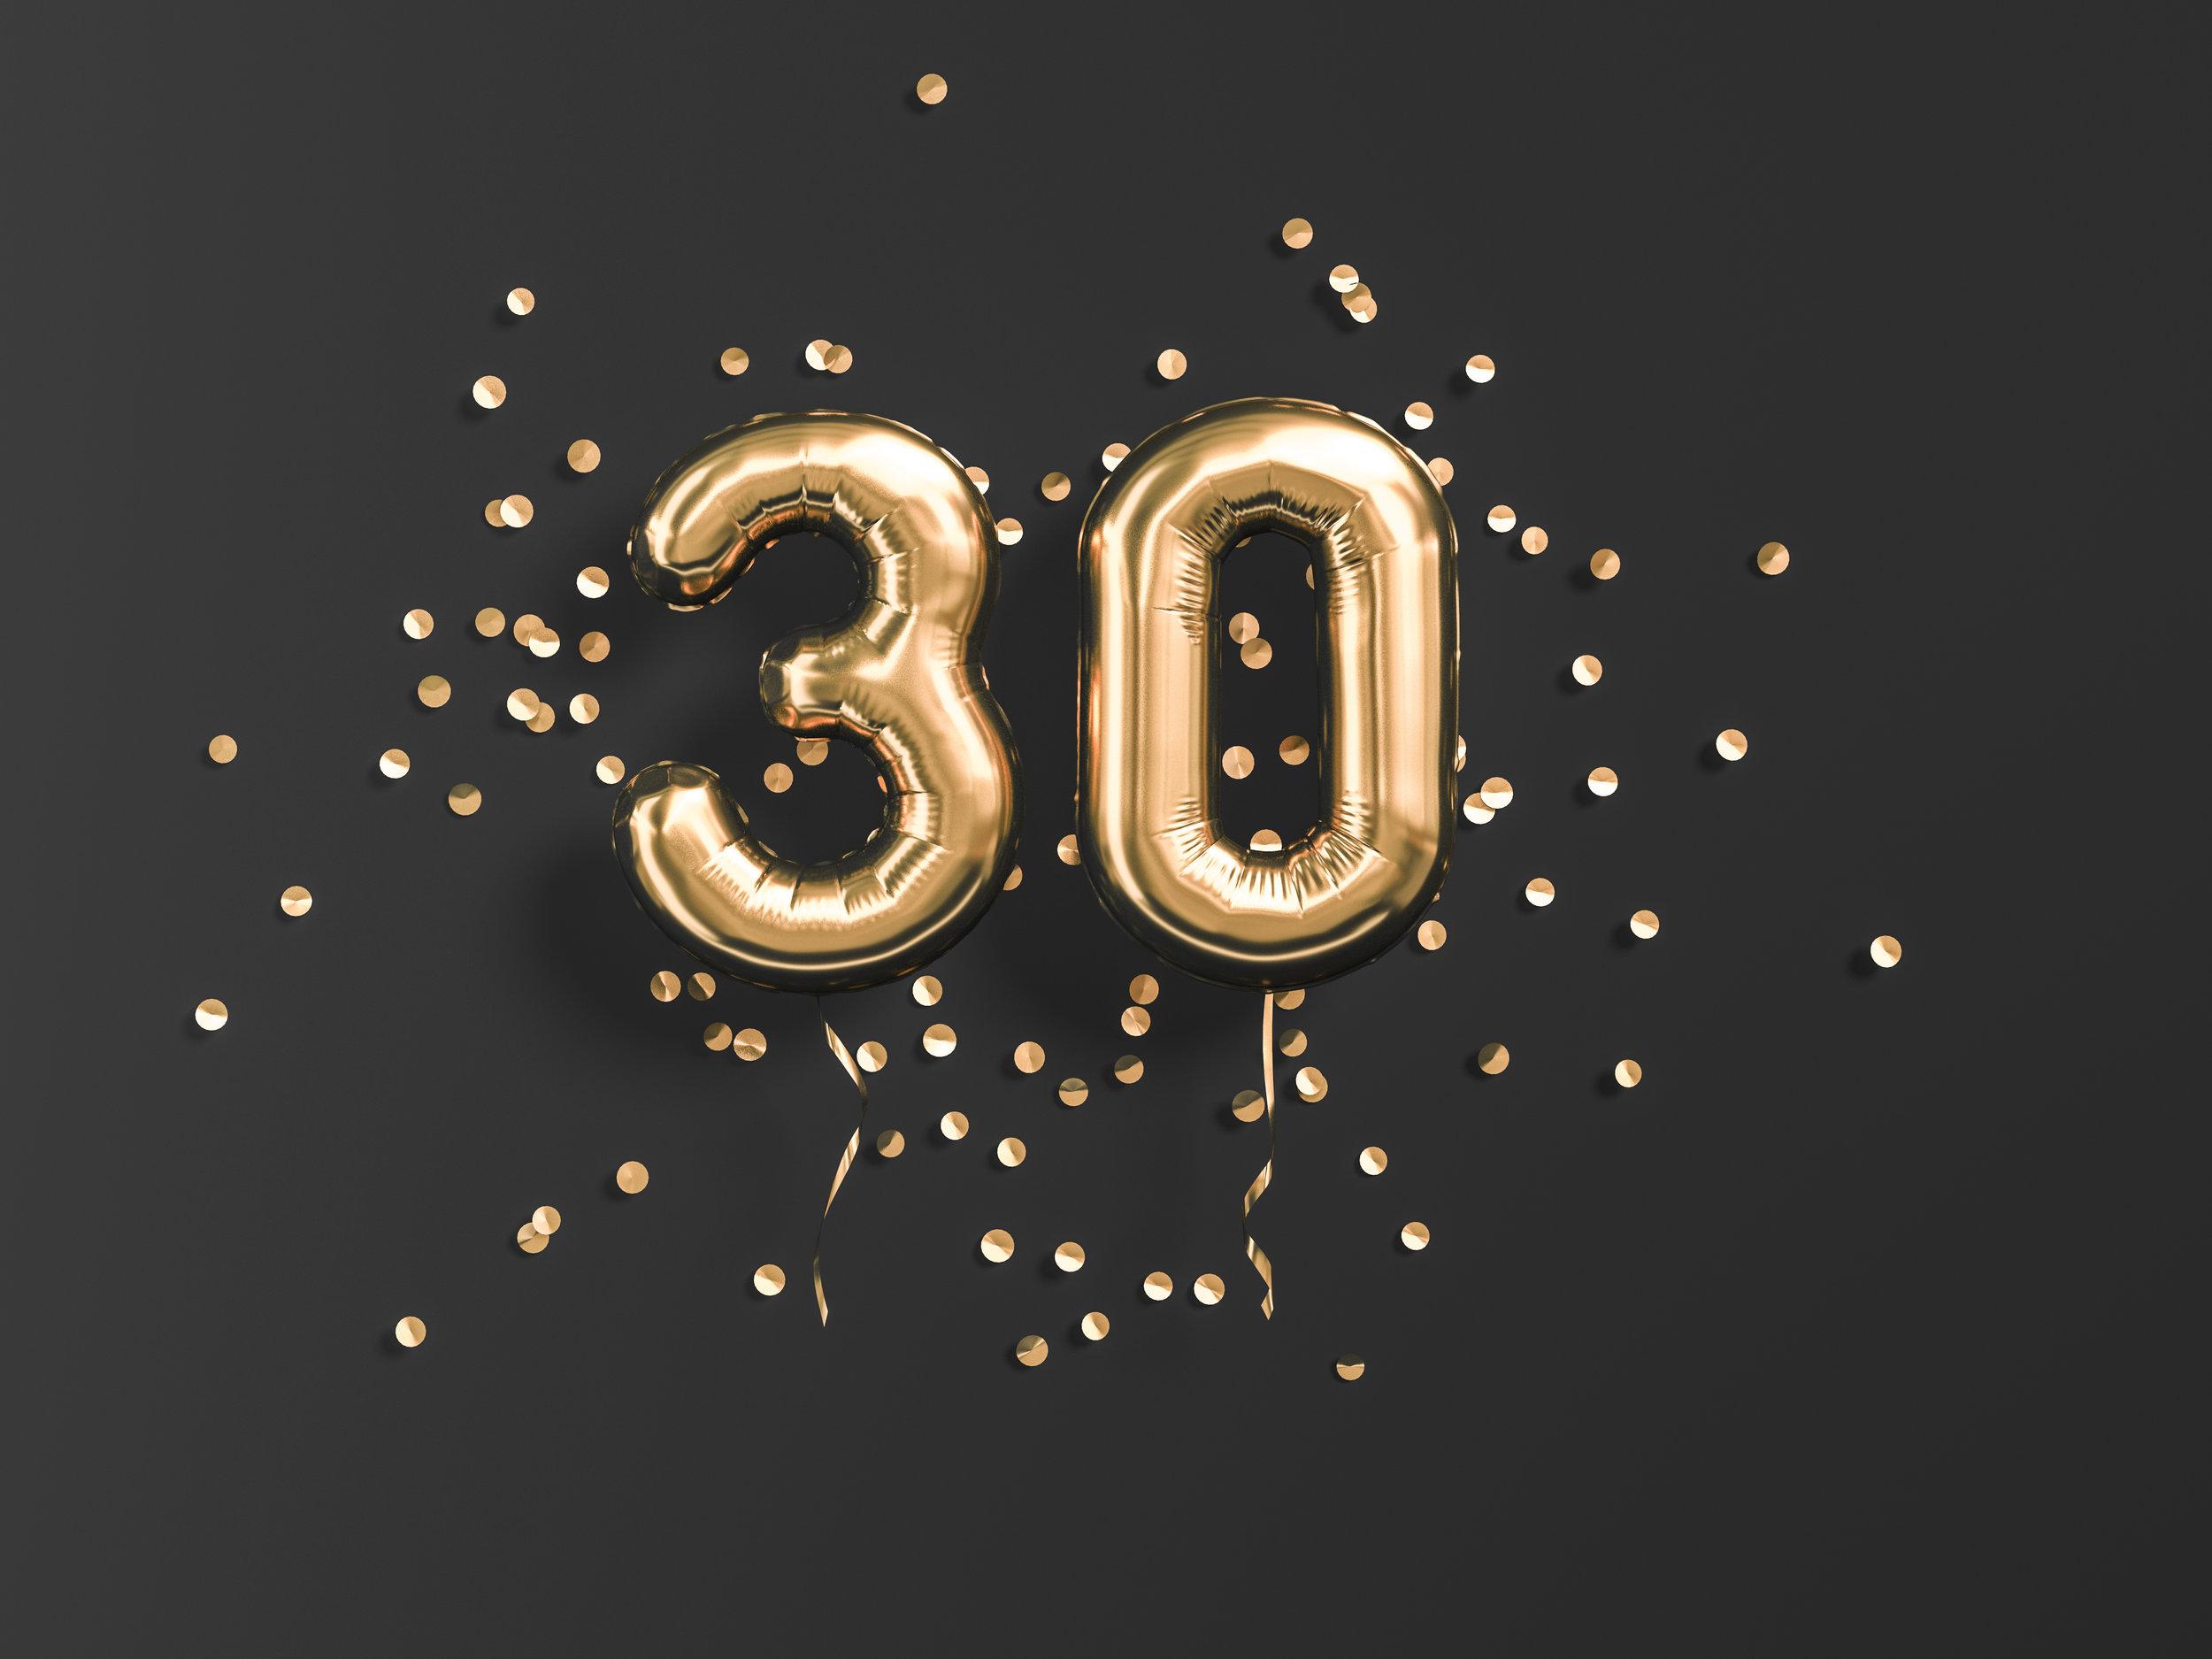 Celebrating 30 Years! - 1990-2020